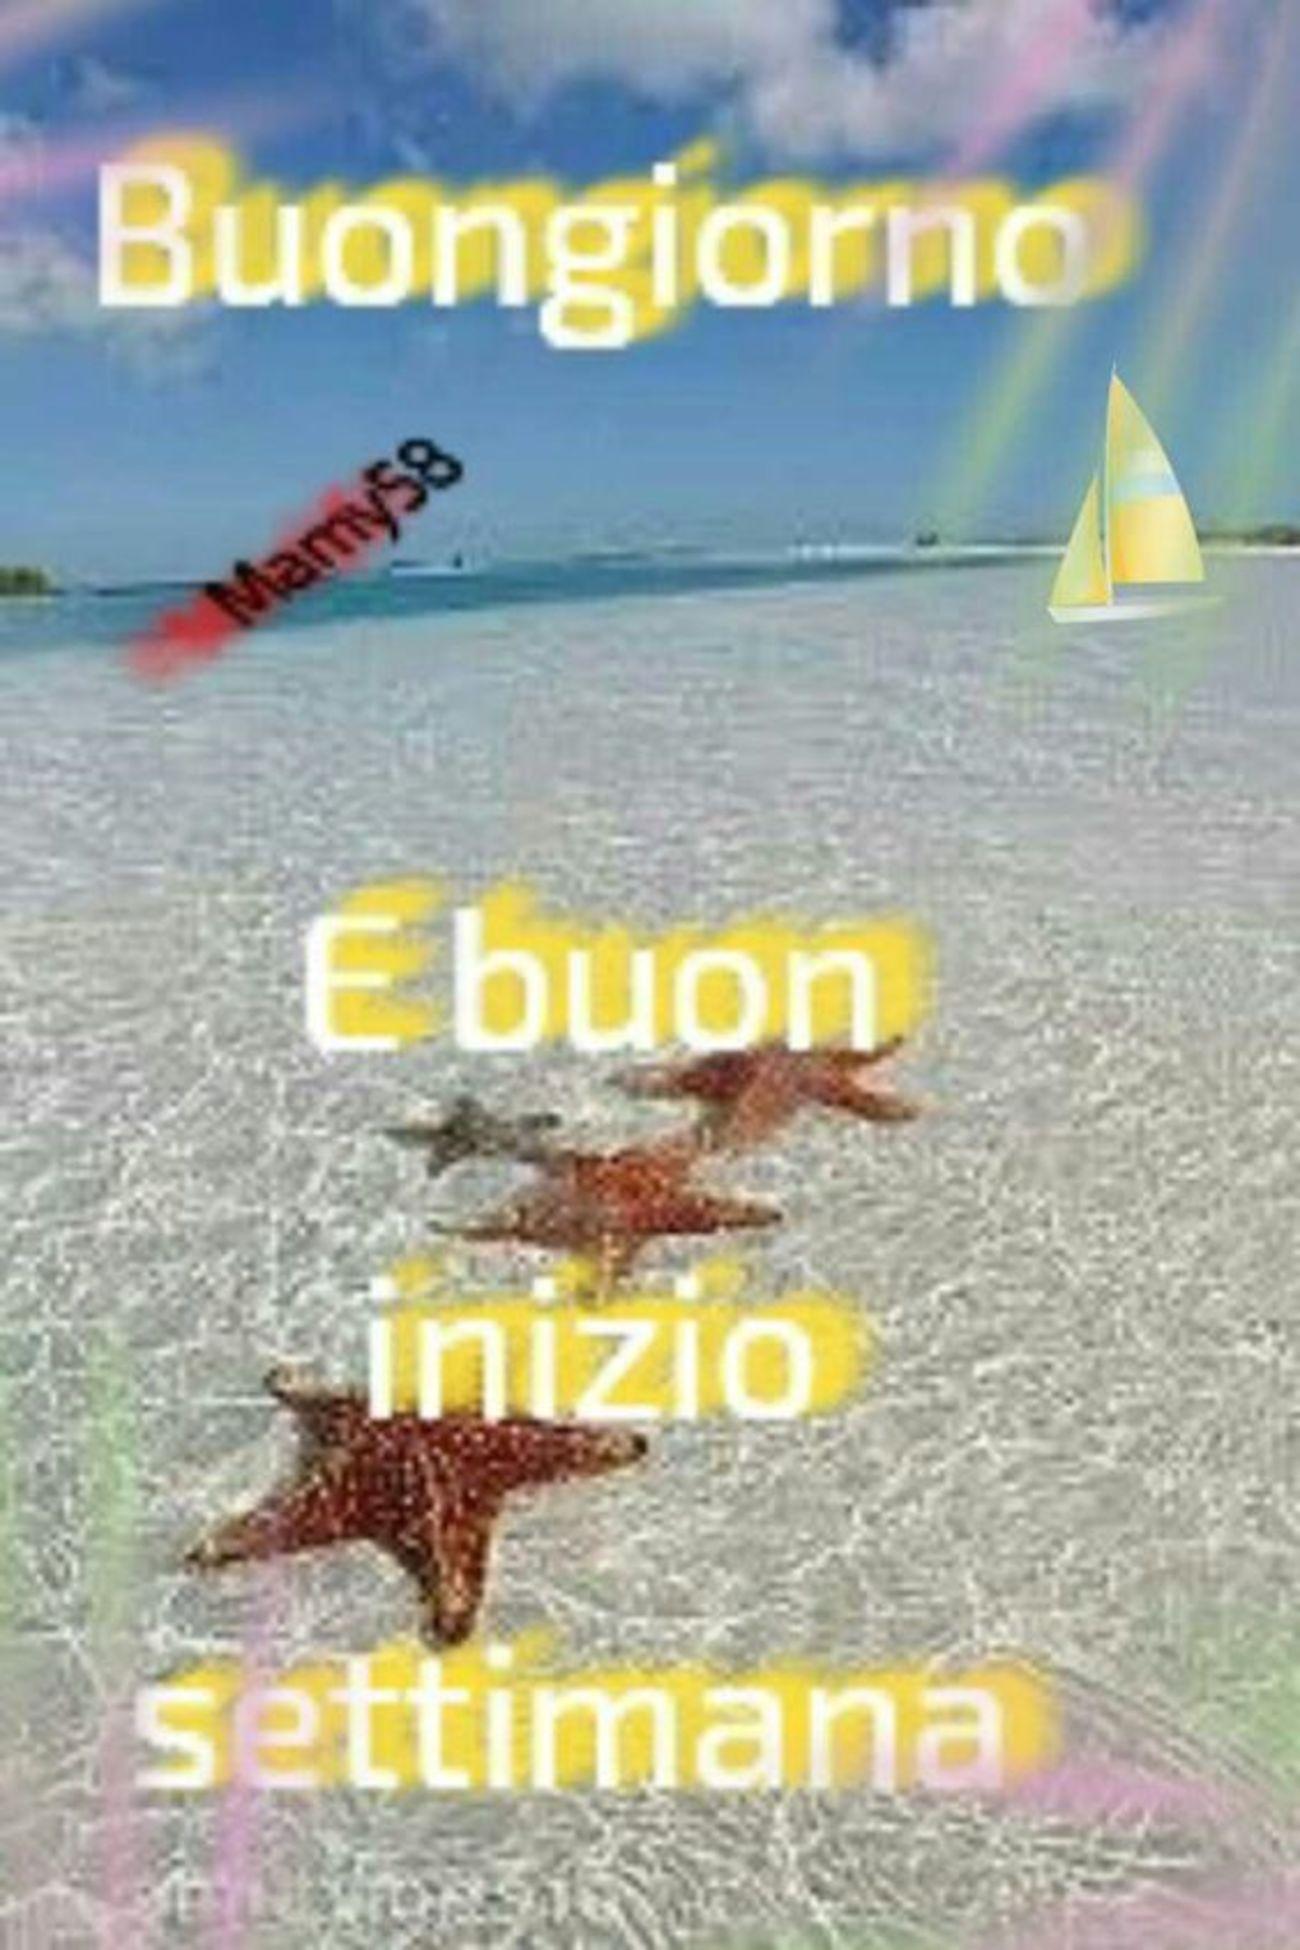 Buon luned immagini belle x whatsapp 249 buongiorno for Buon lunedi whatsapp